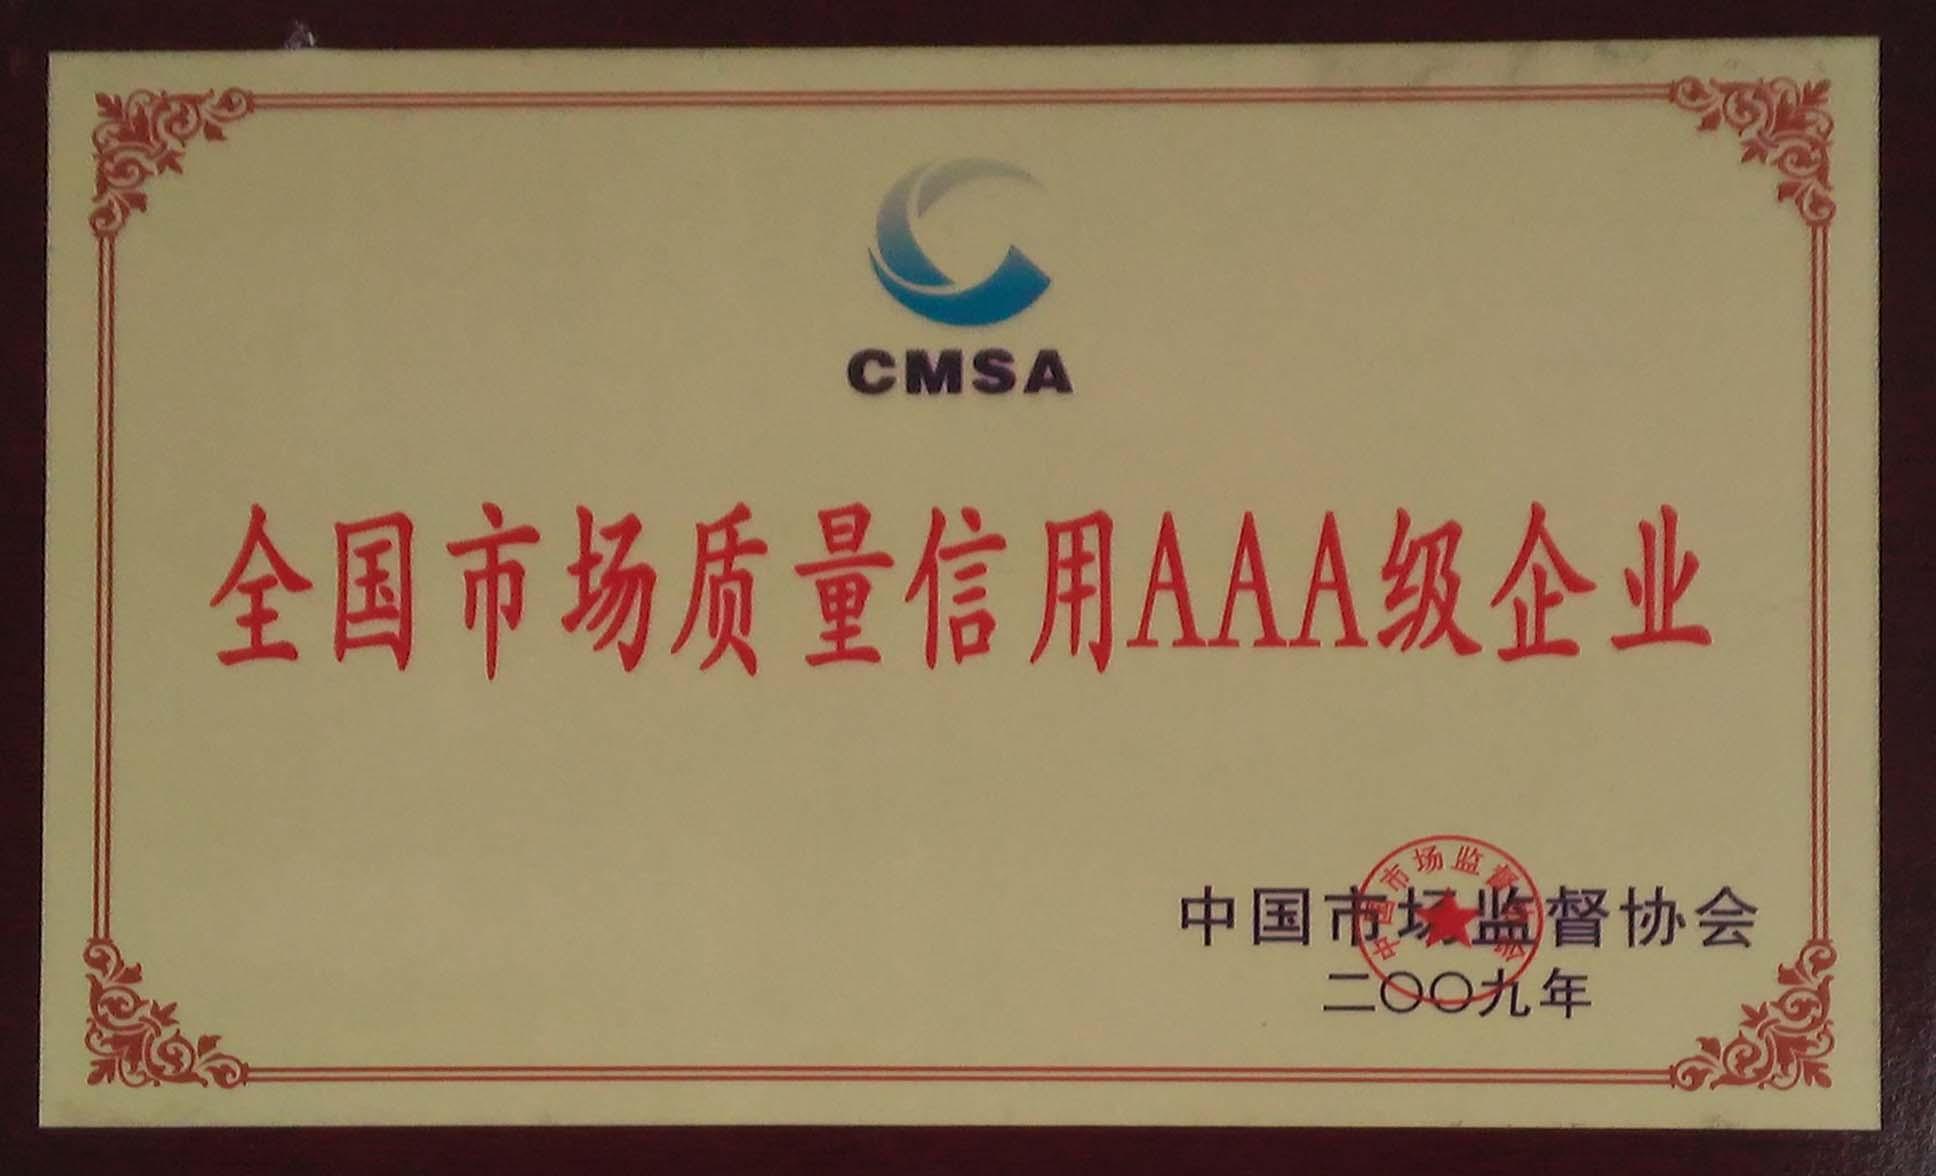 陕西铙钋销售企业获得全国市场质量信用AAA级企业